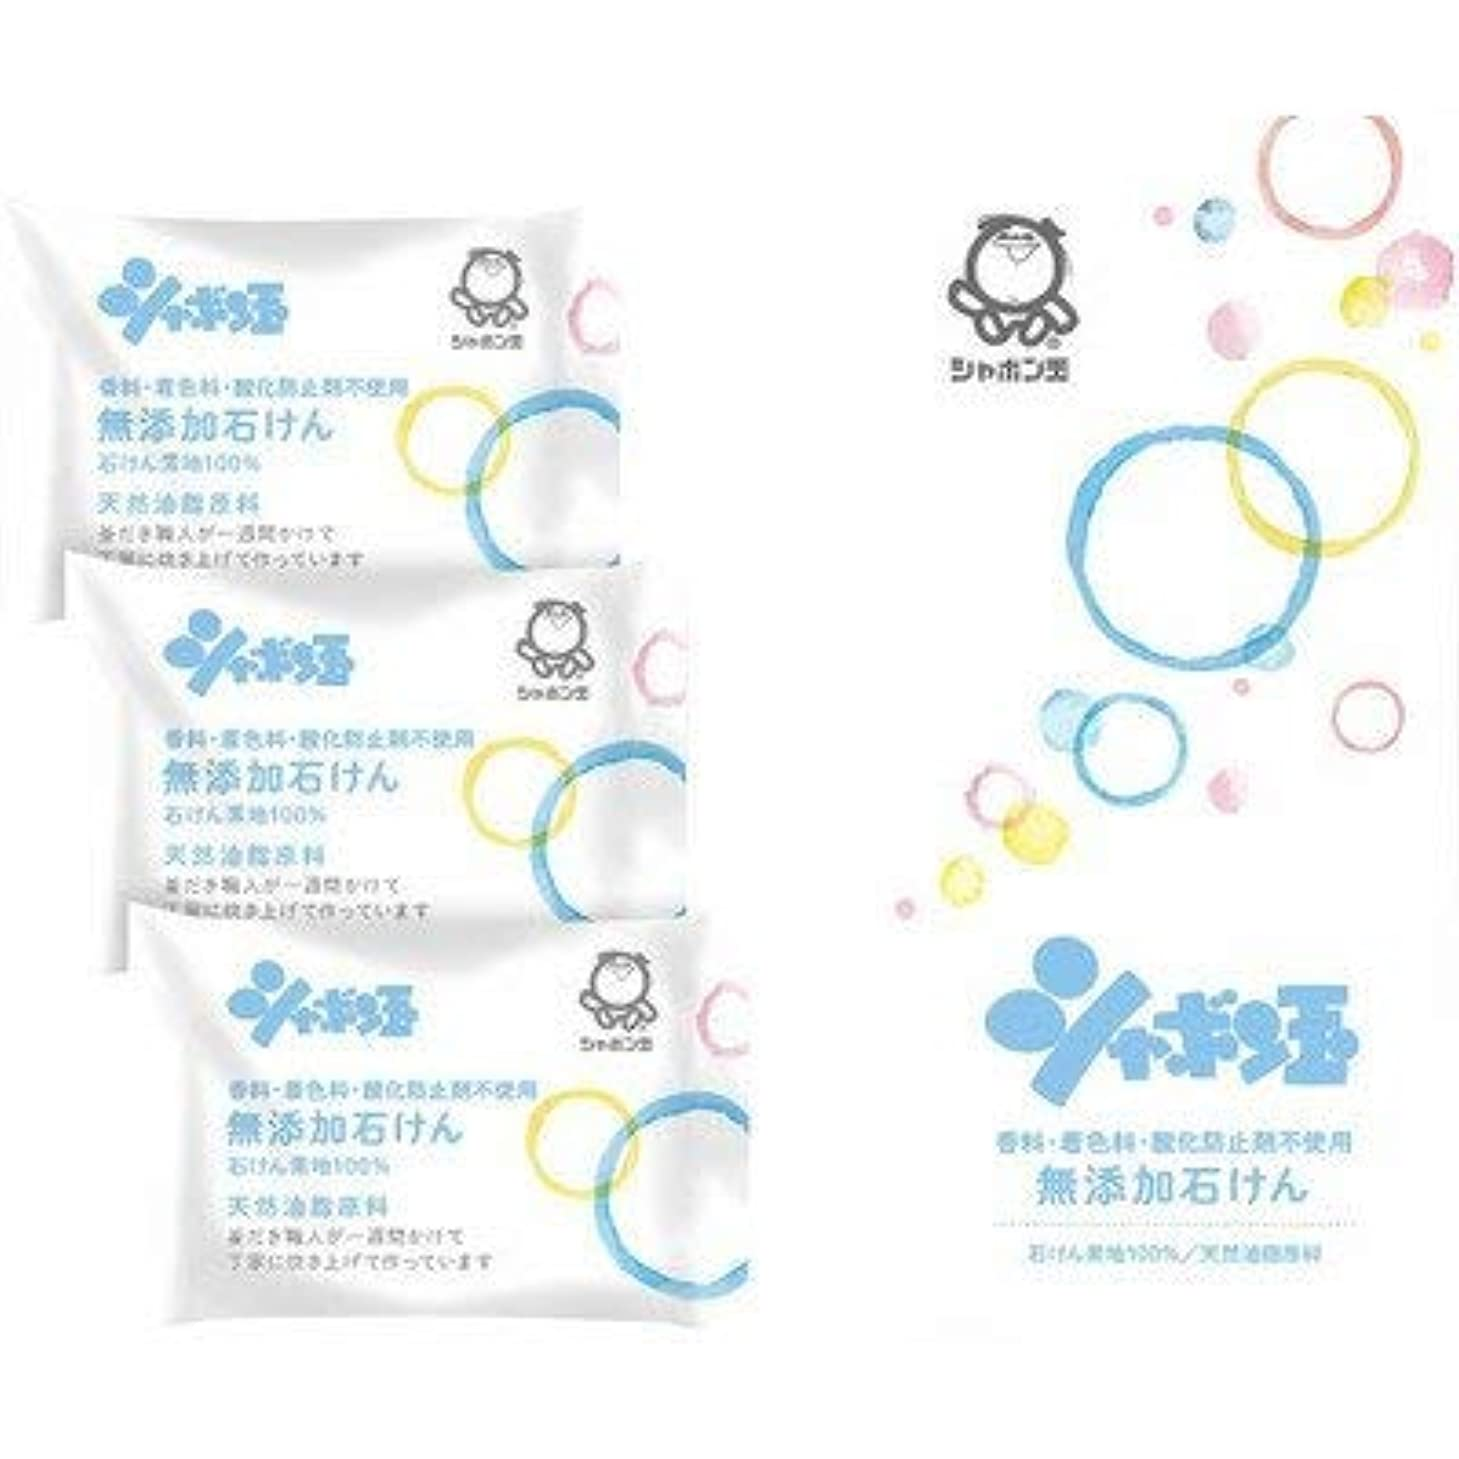 乳なめらかピル【ギフトセット】 シャボン玉無添加石鹸ギフトセット SMG-5B